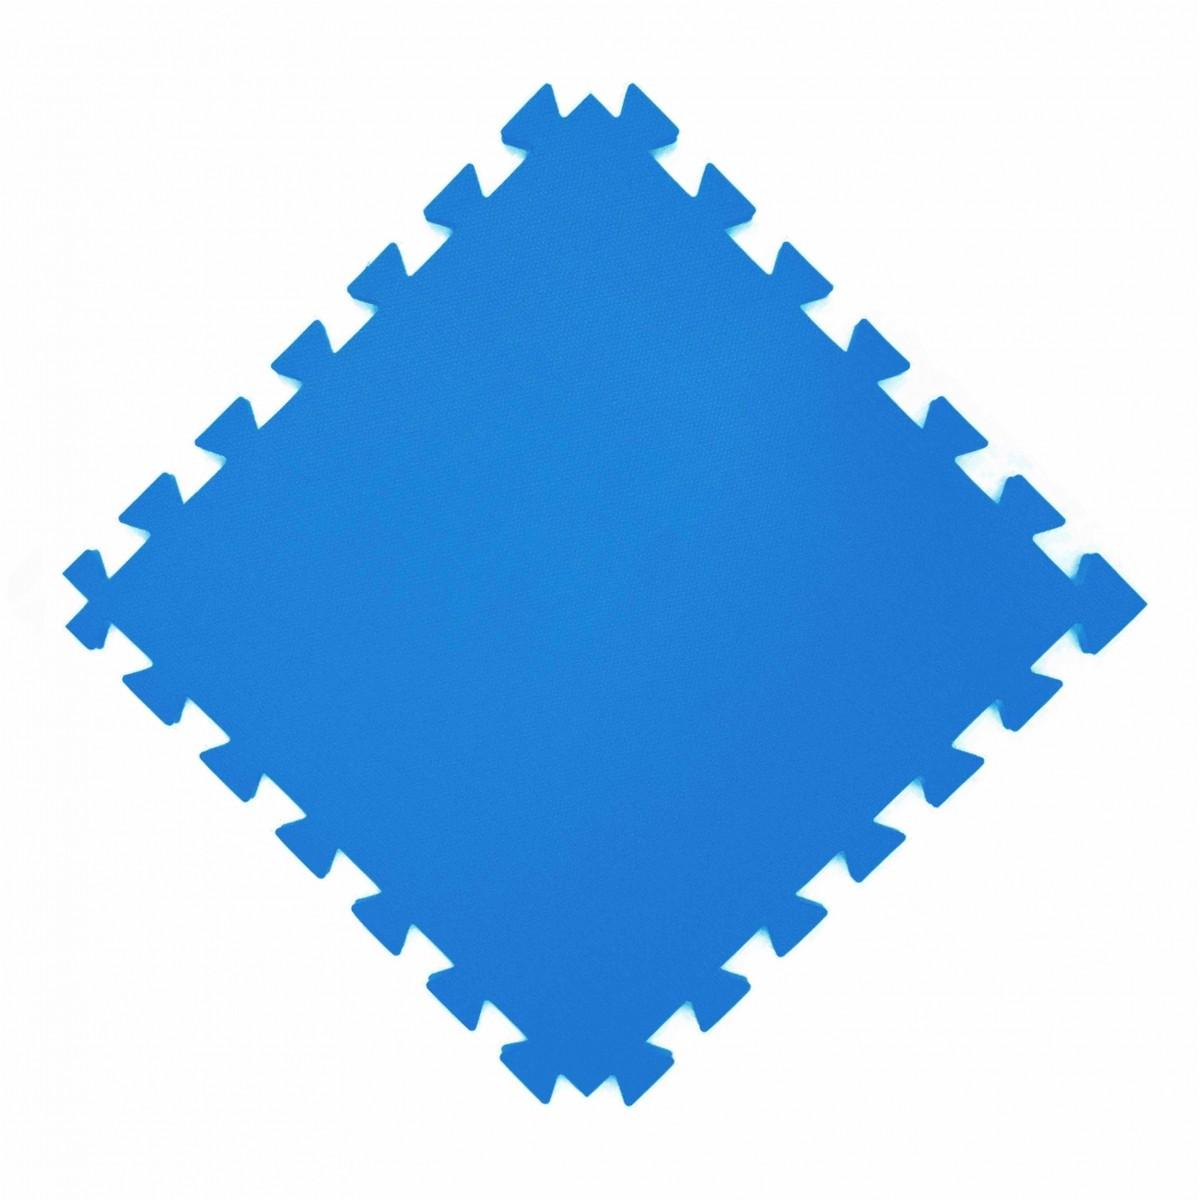 Tatame  100x100cm Com 15mm de Espessura  Azul Royal   -